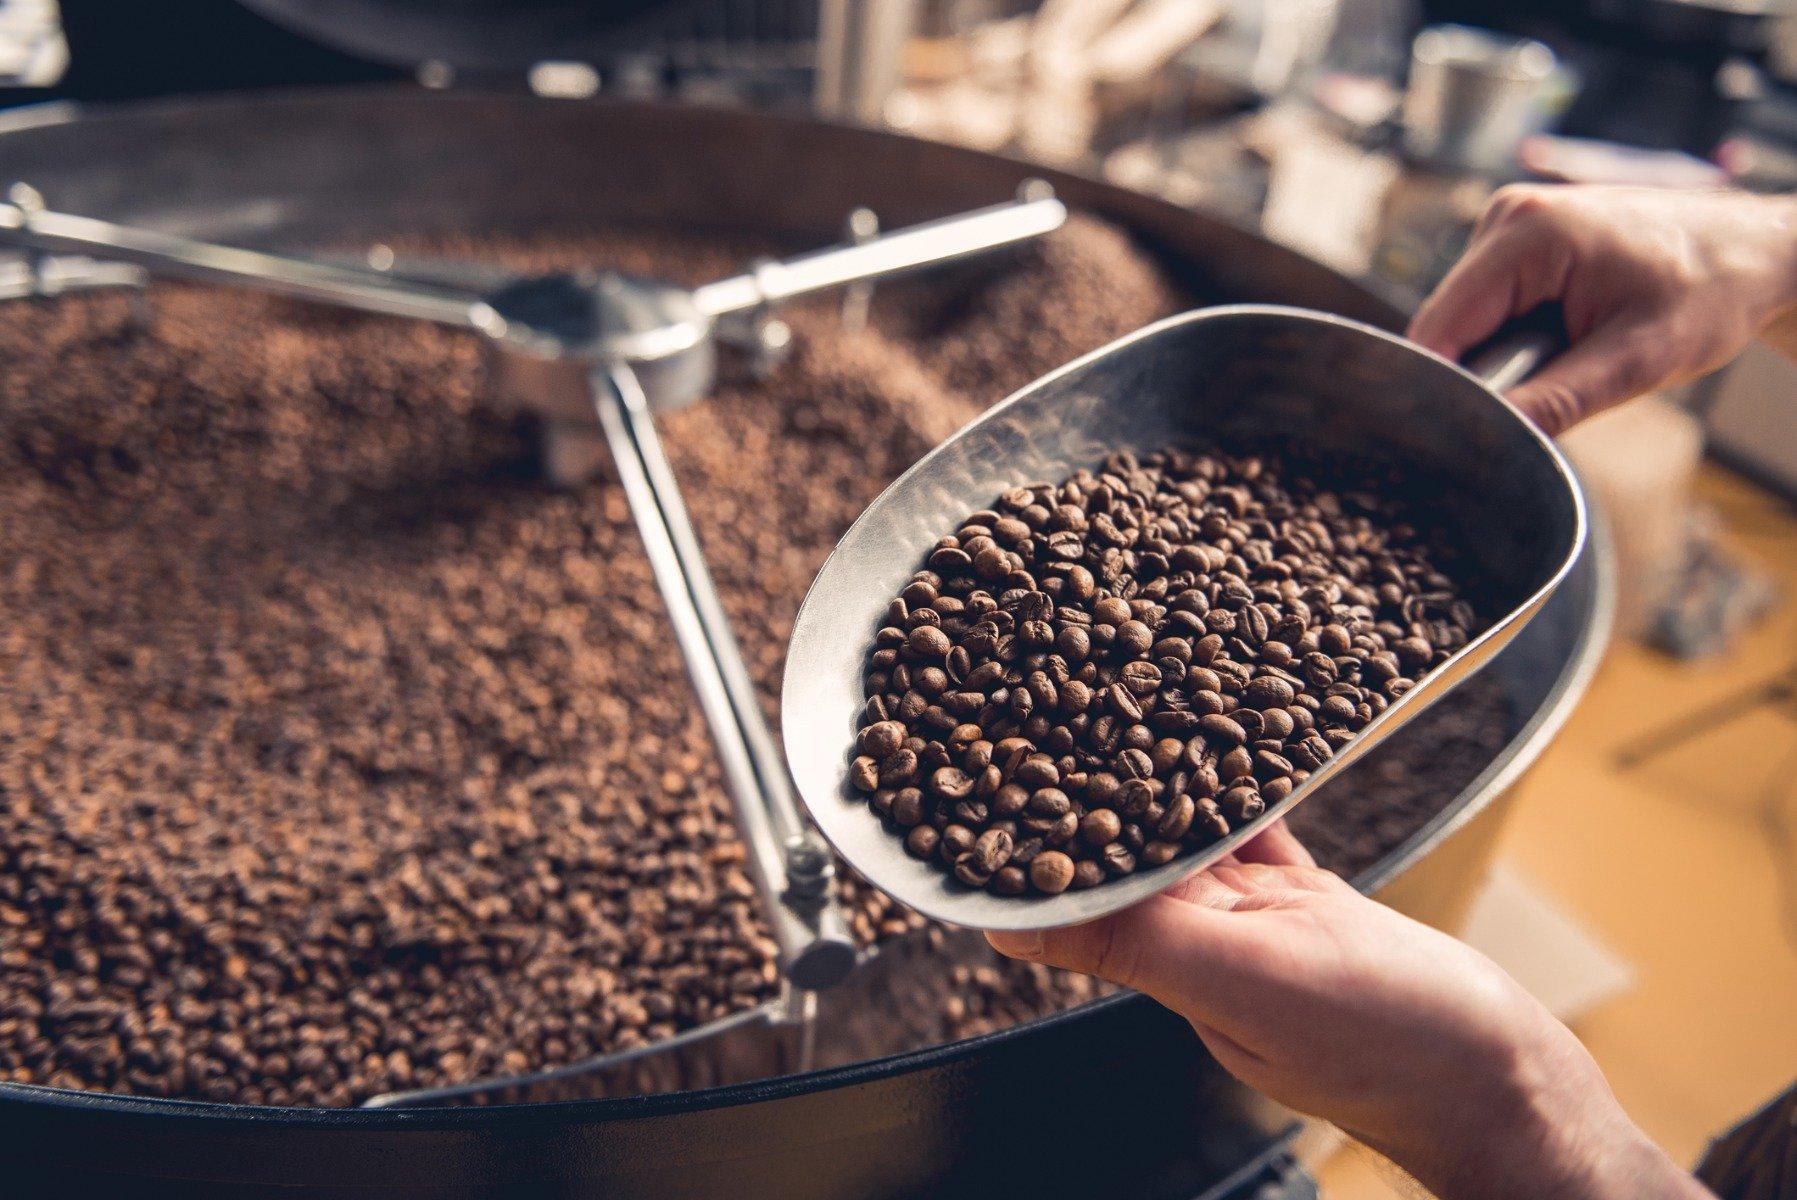 hogyan kell használni a koffeint a zsírégetésre 6 kg fogyás 1 hónap alatt